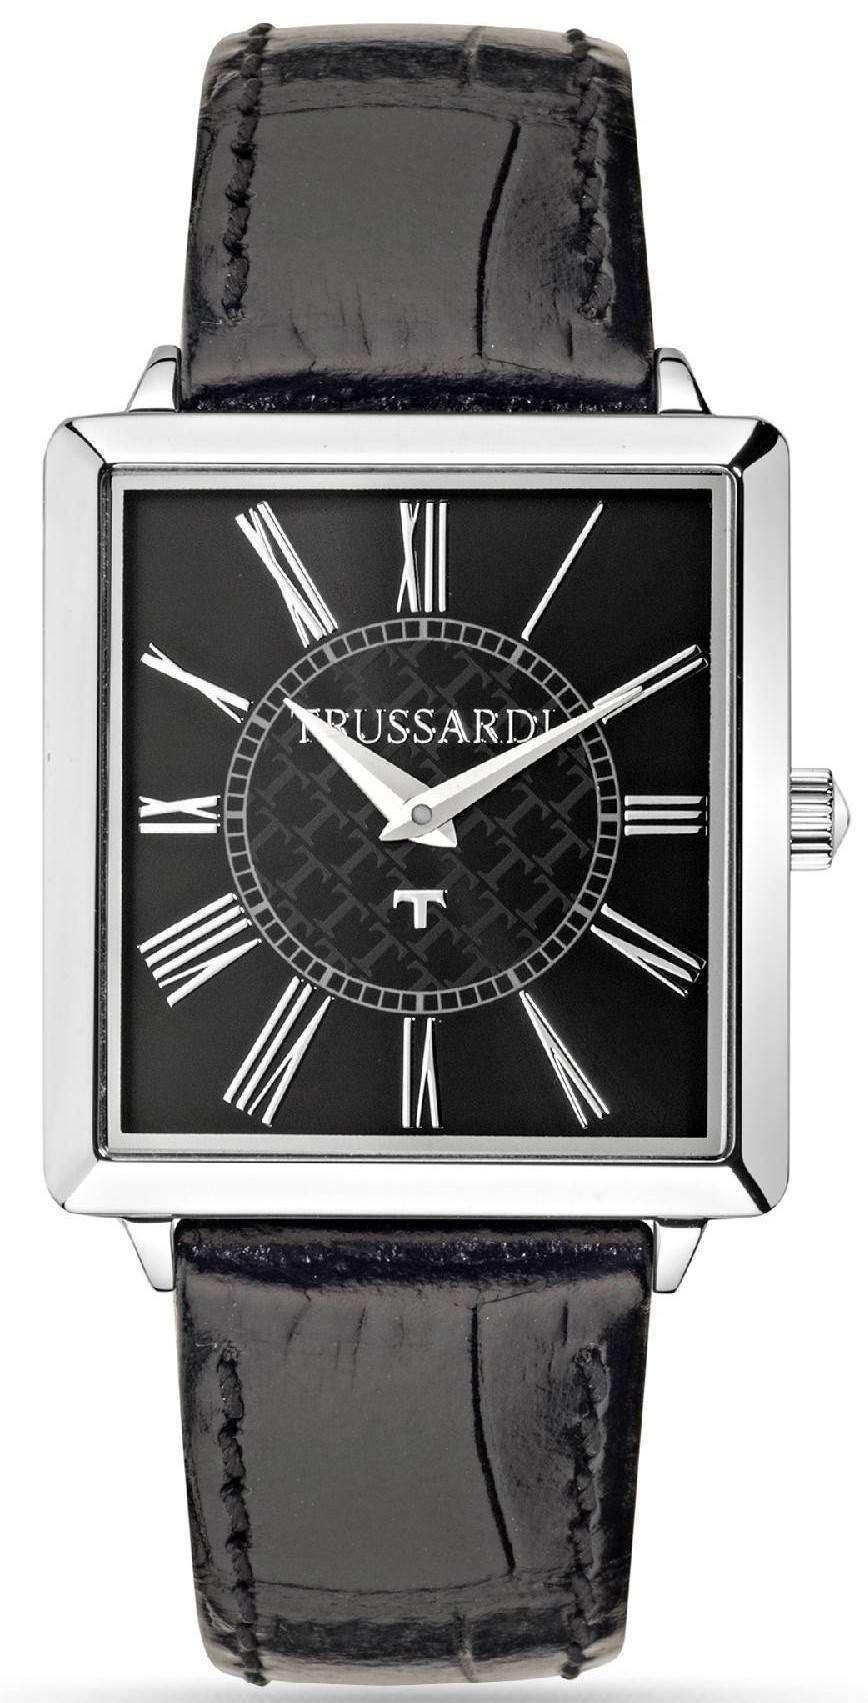 トラサルディ T 姫 R2451119507 クォーツ レディース腕時計